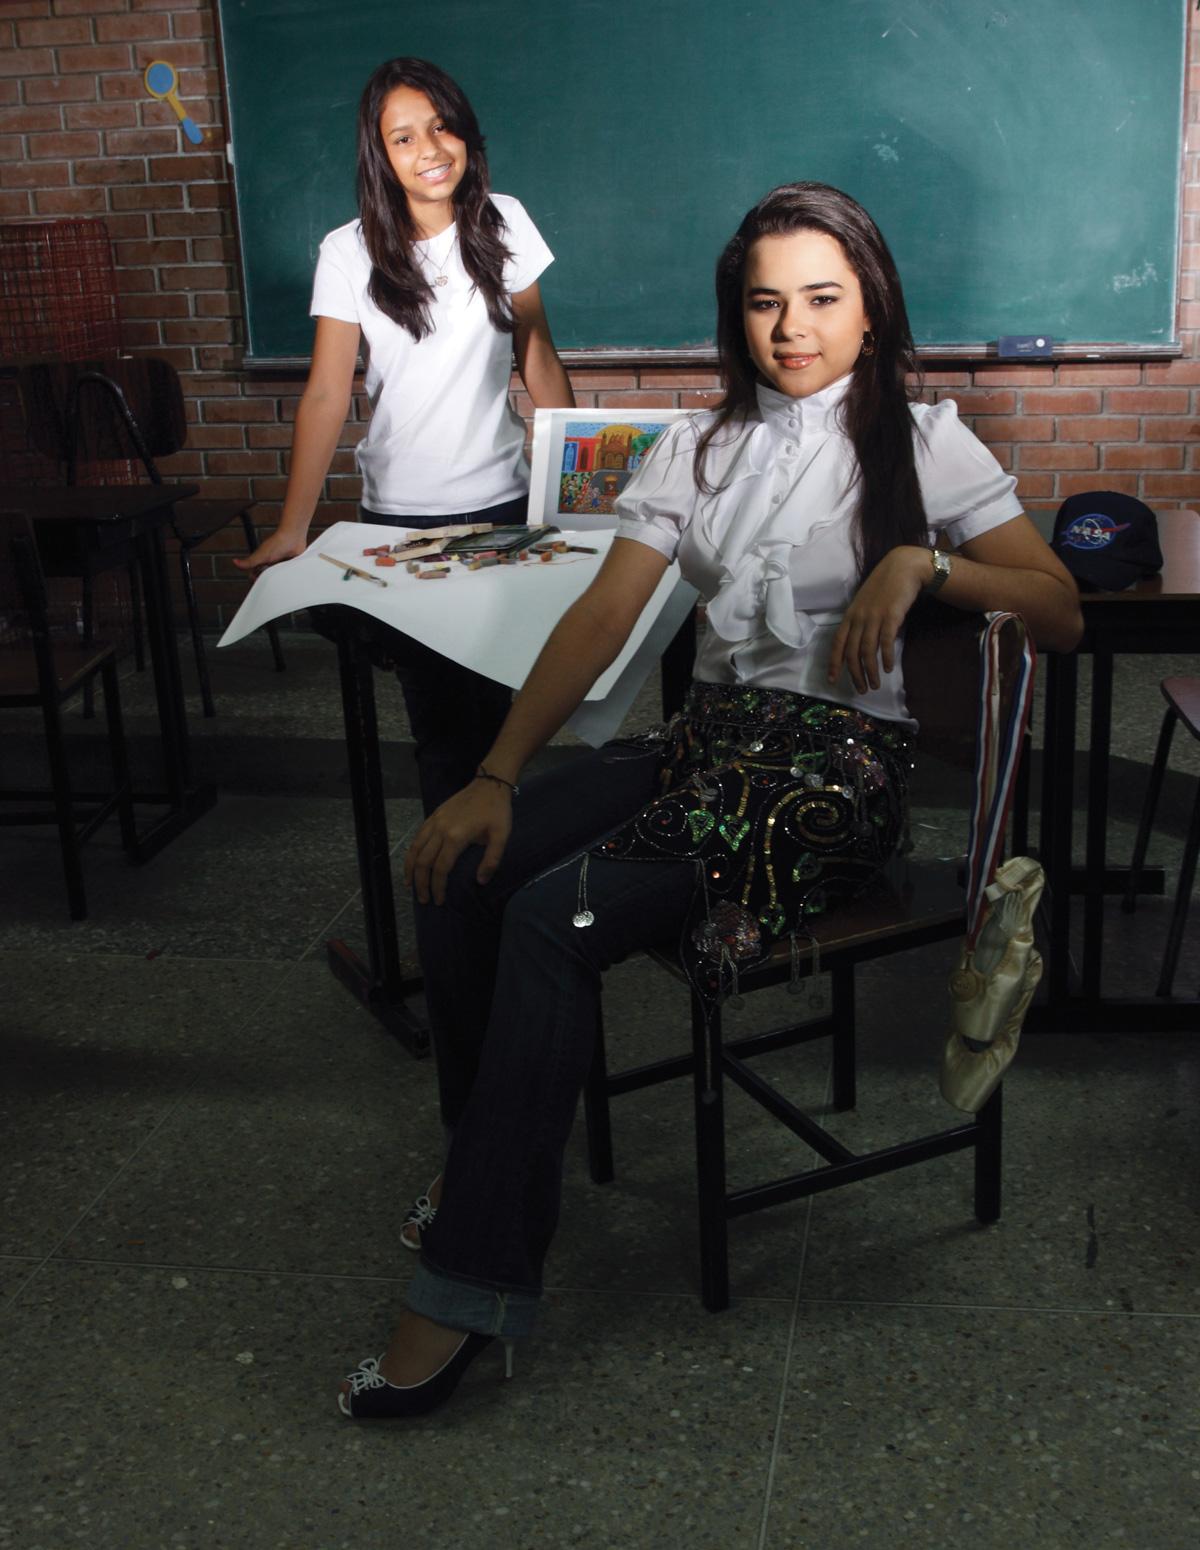 Colegio altamira aliadas del arte tendencia - Victoria diva futura ...